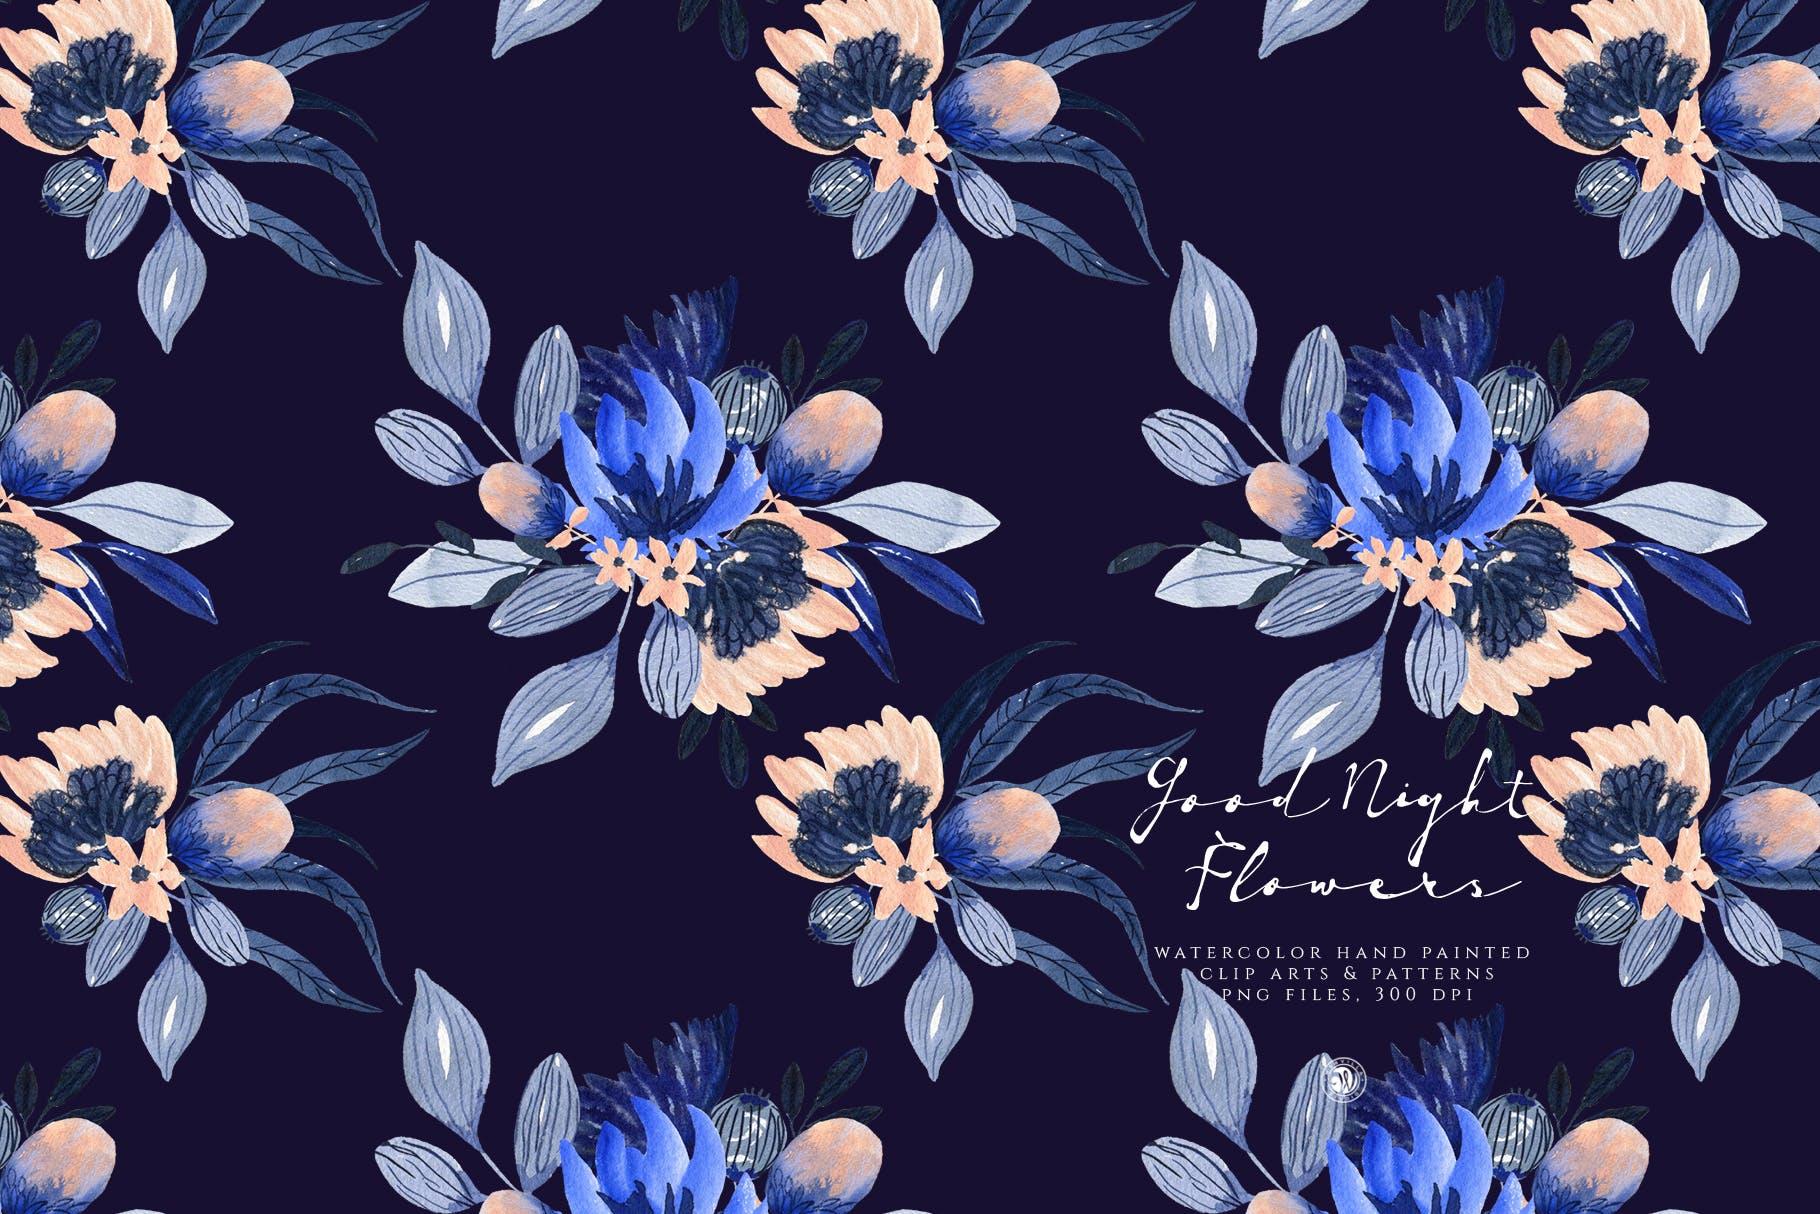 暗夜水彩画花卉手绘水彩画剪贴艺术图案/纹理素材Good Night Flowers插图(2)